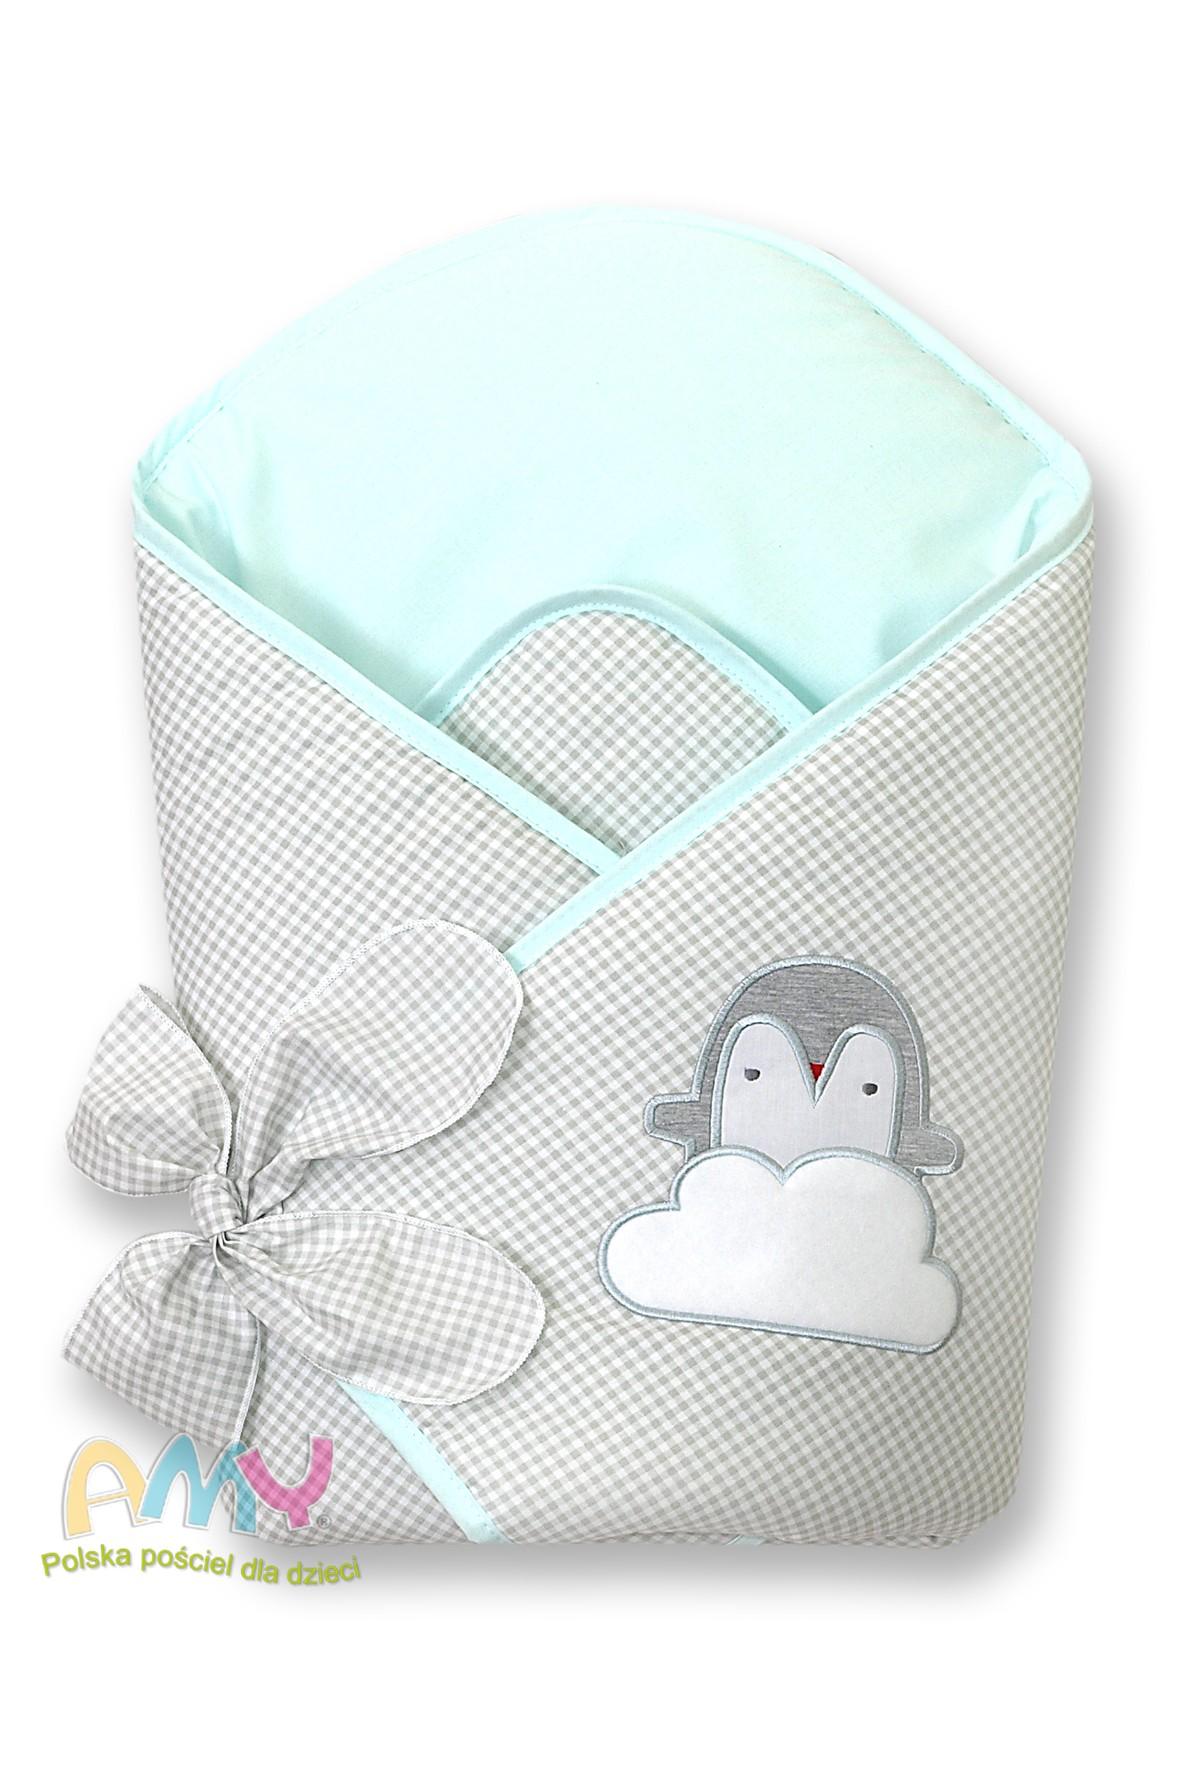 Becik dla dziecka Amy pingwiny miętowy